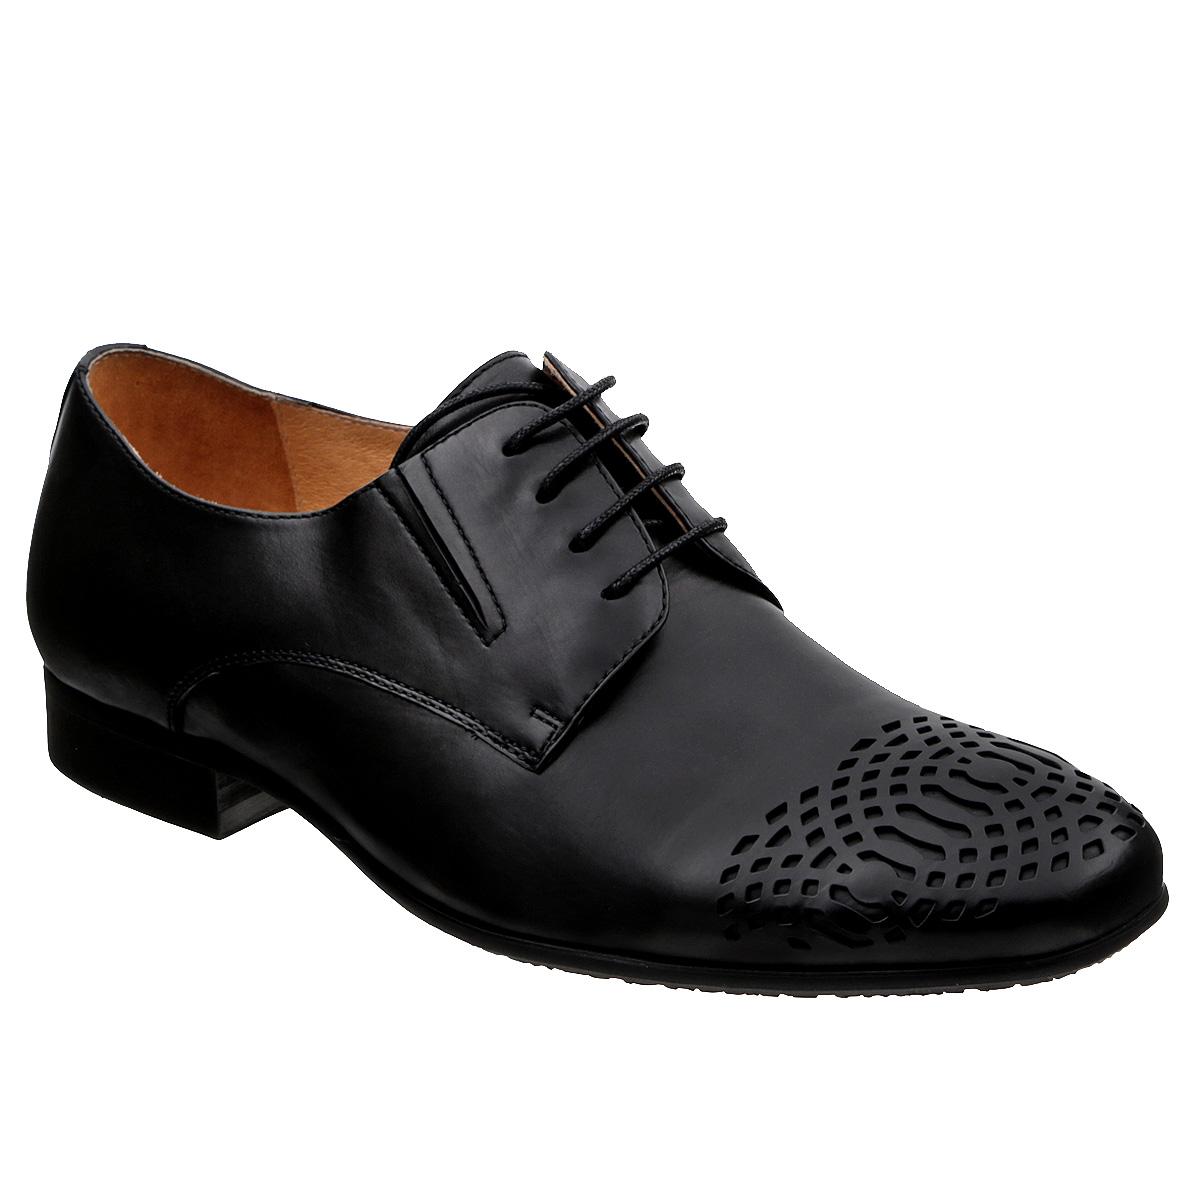 M171017Элегантные мужские полуботинки Vitacci займут достойное место в вашем гардеробе. Модель выполнена из натуральной высококачественной кожи и оформлена оригинальным перфорированным узором на мысе, задним наружным ремнем. Шнуровка прочно зафиксирует модель на вашей ноге. Резинки, расположенные на подъеме, обеспечивают оптимальную посадку модели на ноге. Стелька из натуральной кожи позволяет ногам дышать. Низкий устойчивый каблук удобен при ходьбе. Каблук и подошва с рифлением не скользят. Изысканные полуботинки отлично дополнят ваш модный образ.